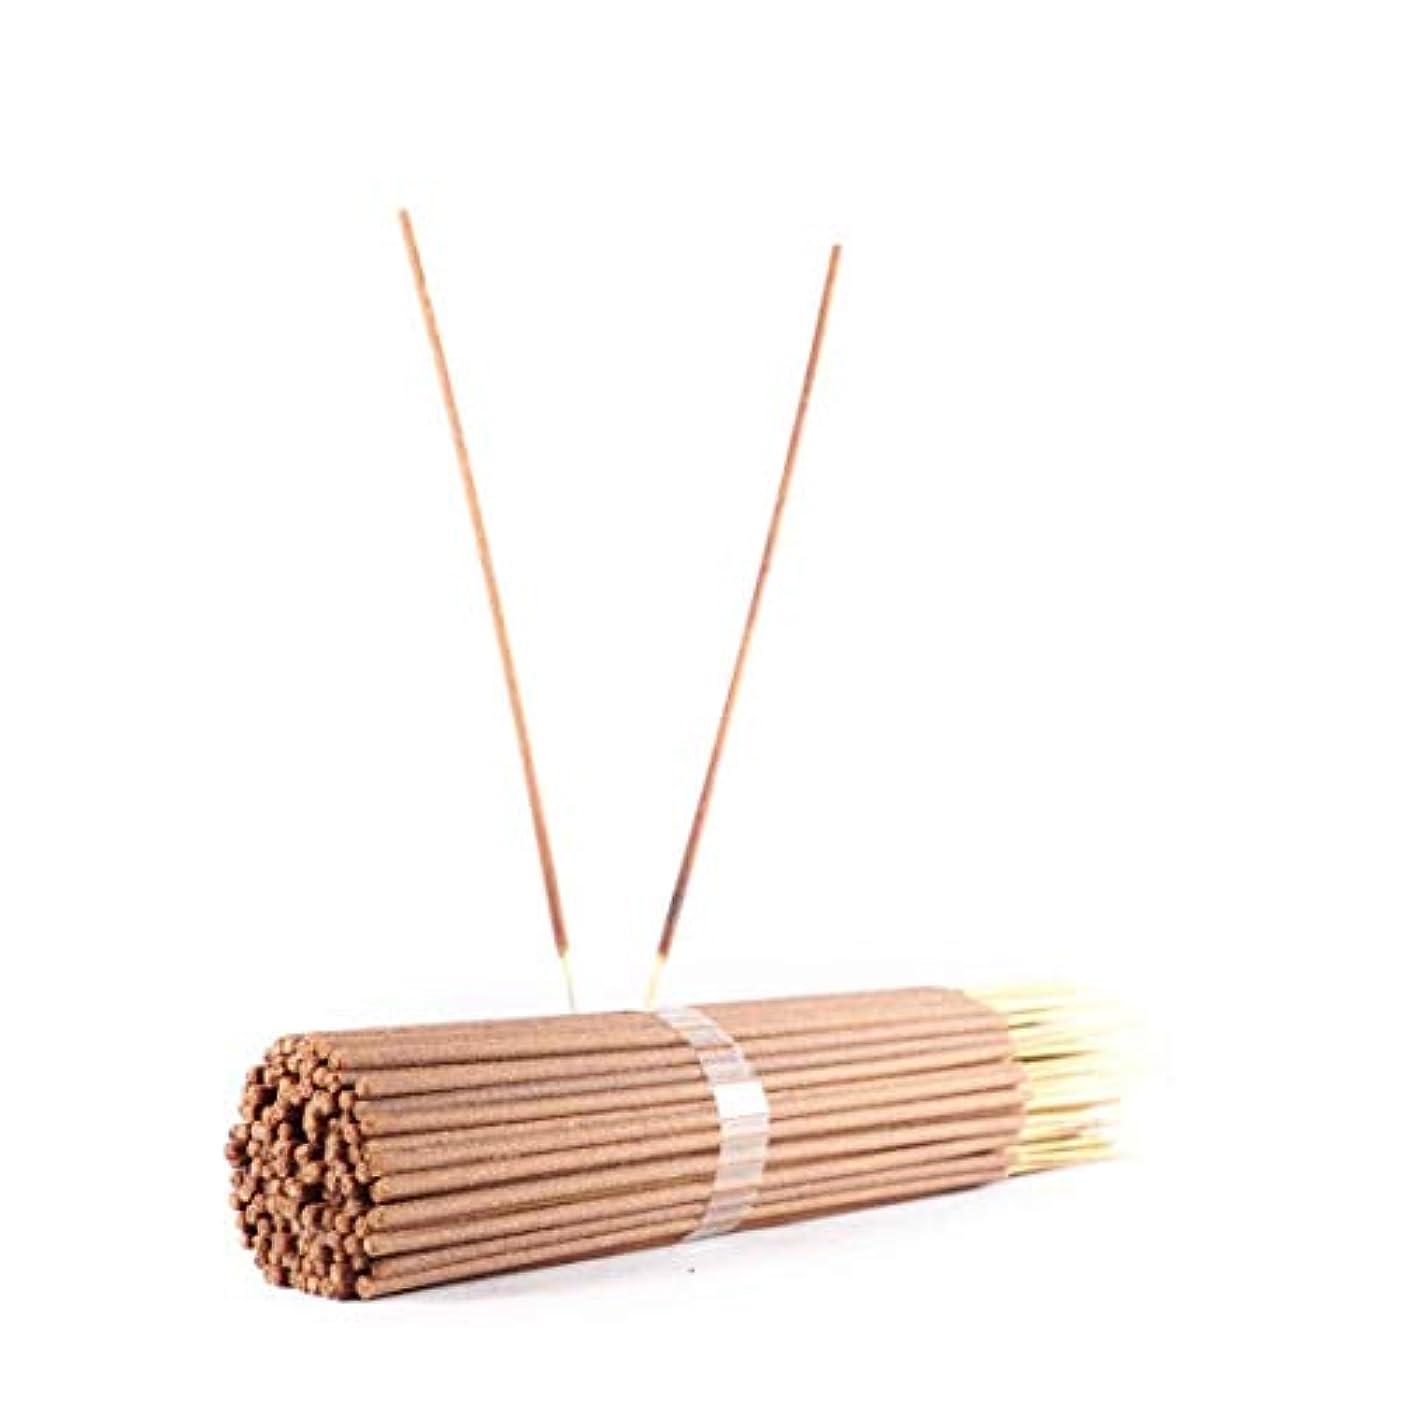 時代適切な驚くばかりGifteniaa Wonderful Vaishnavi Fragrant 9 Inches insence Sticks and Masala Insence Sticks (50 Sticks)